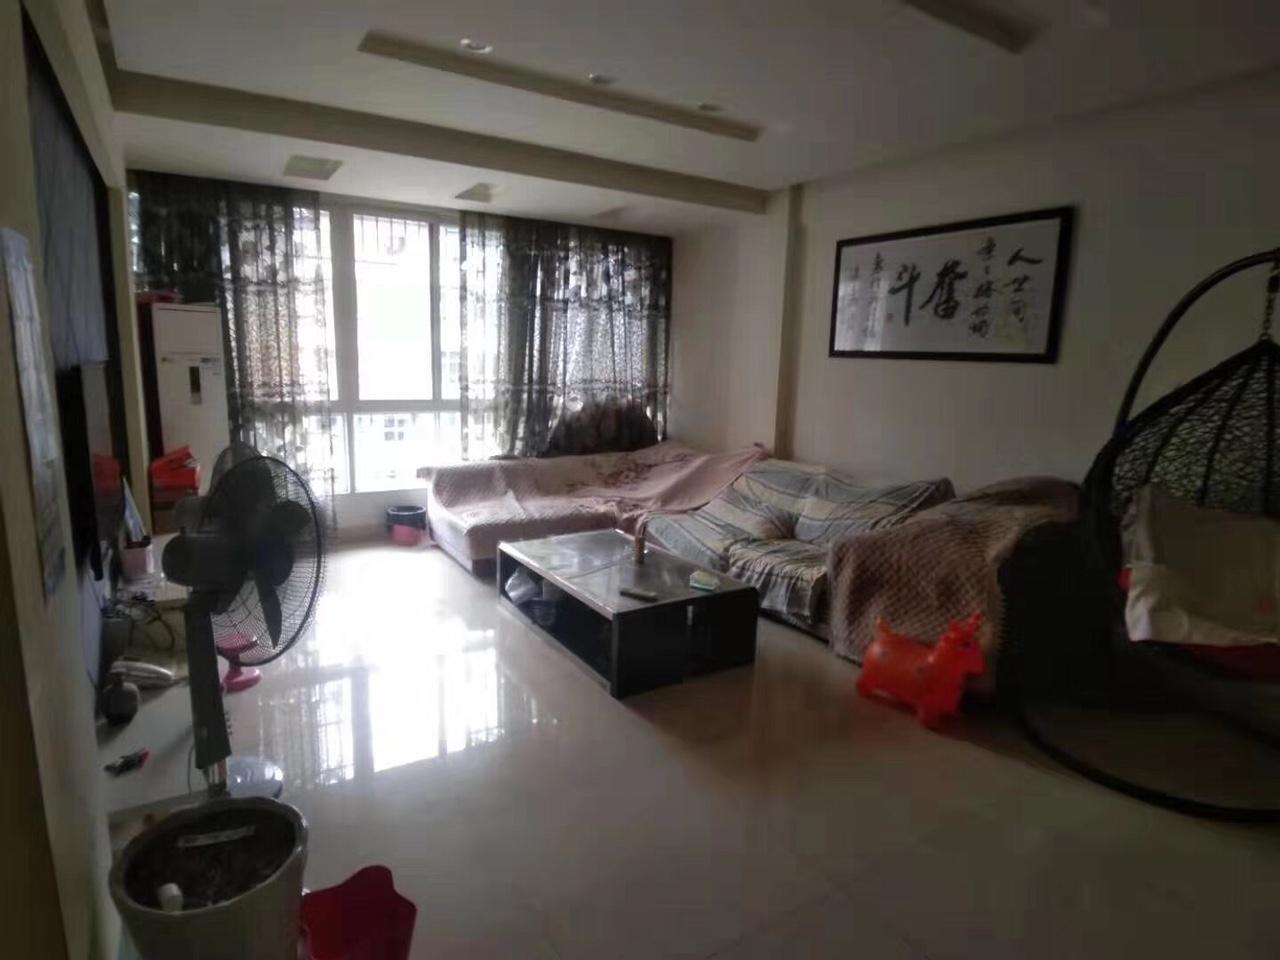 华鑫雅居3室 2厅 1卫64.8万元